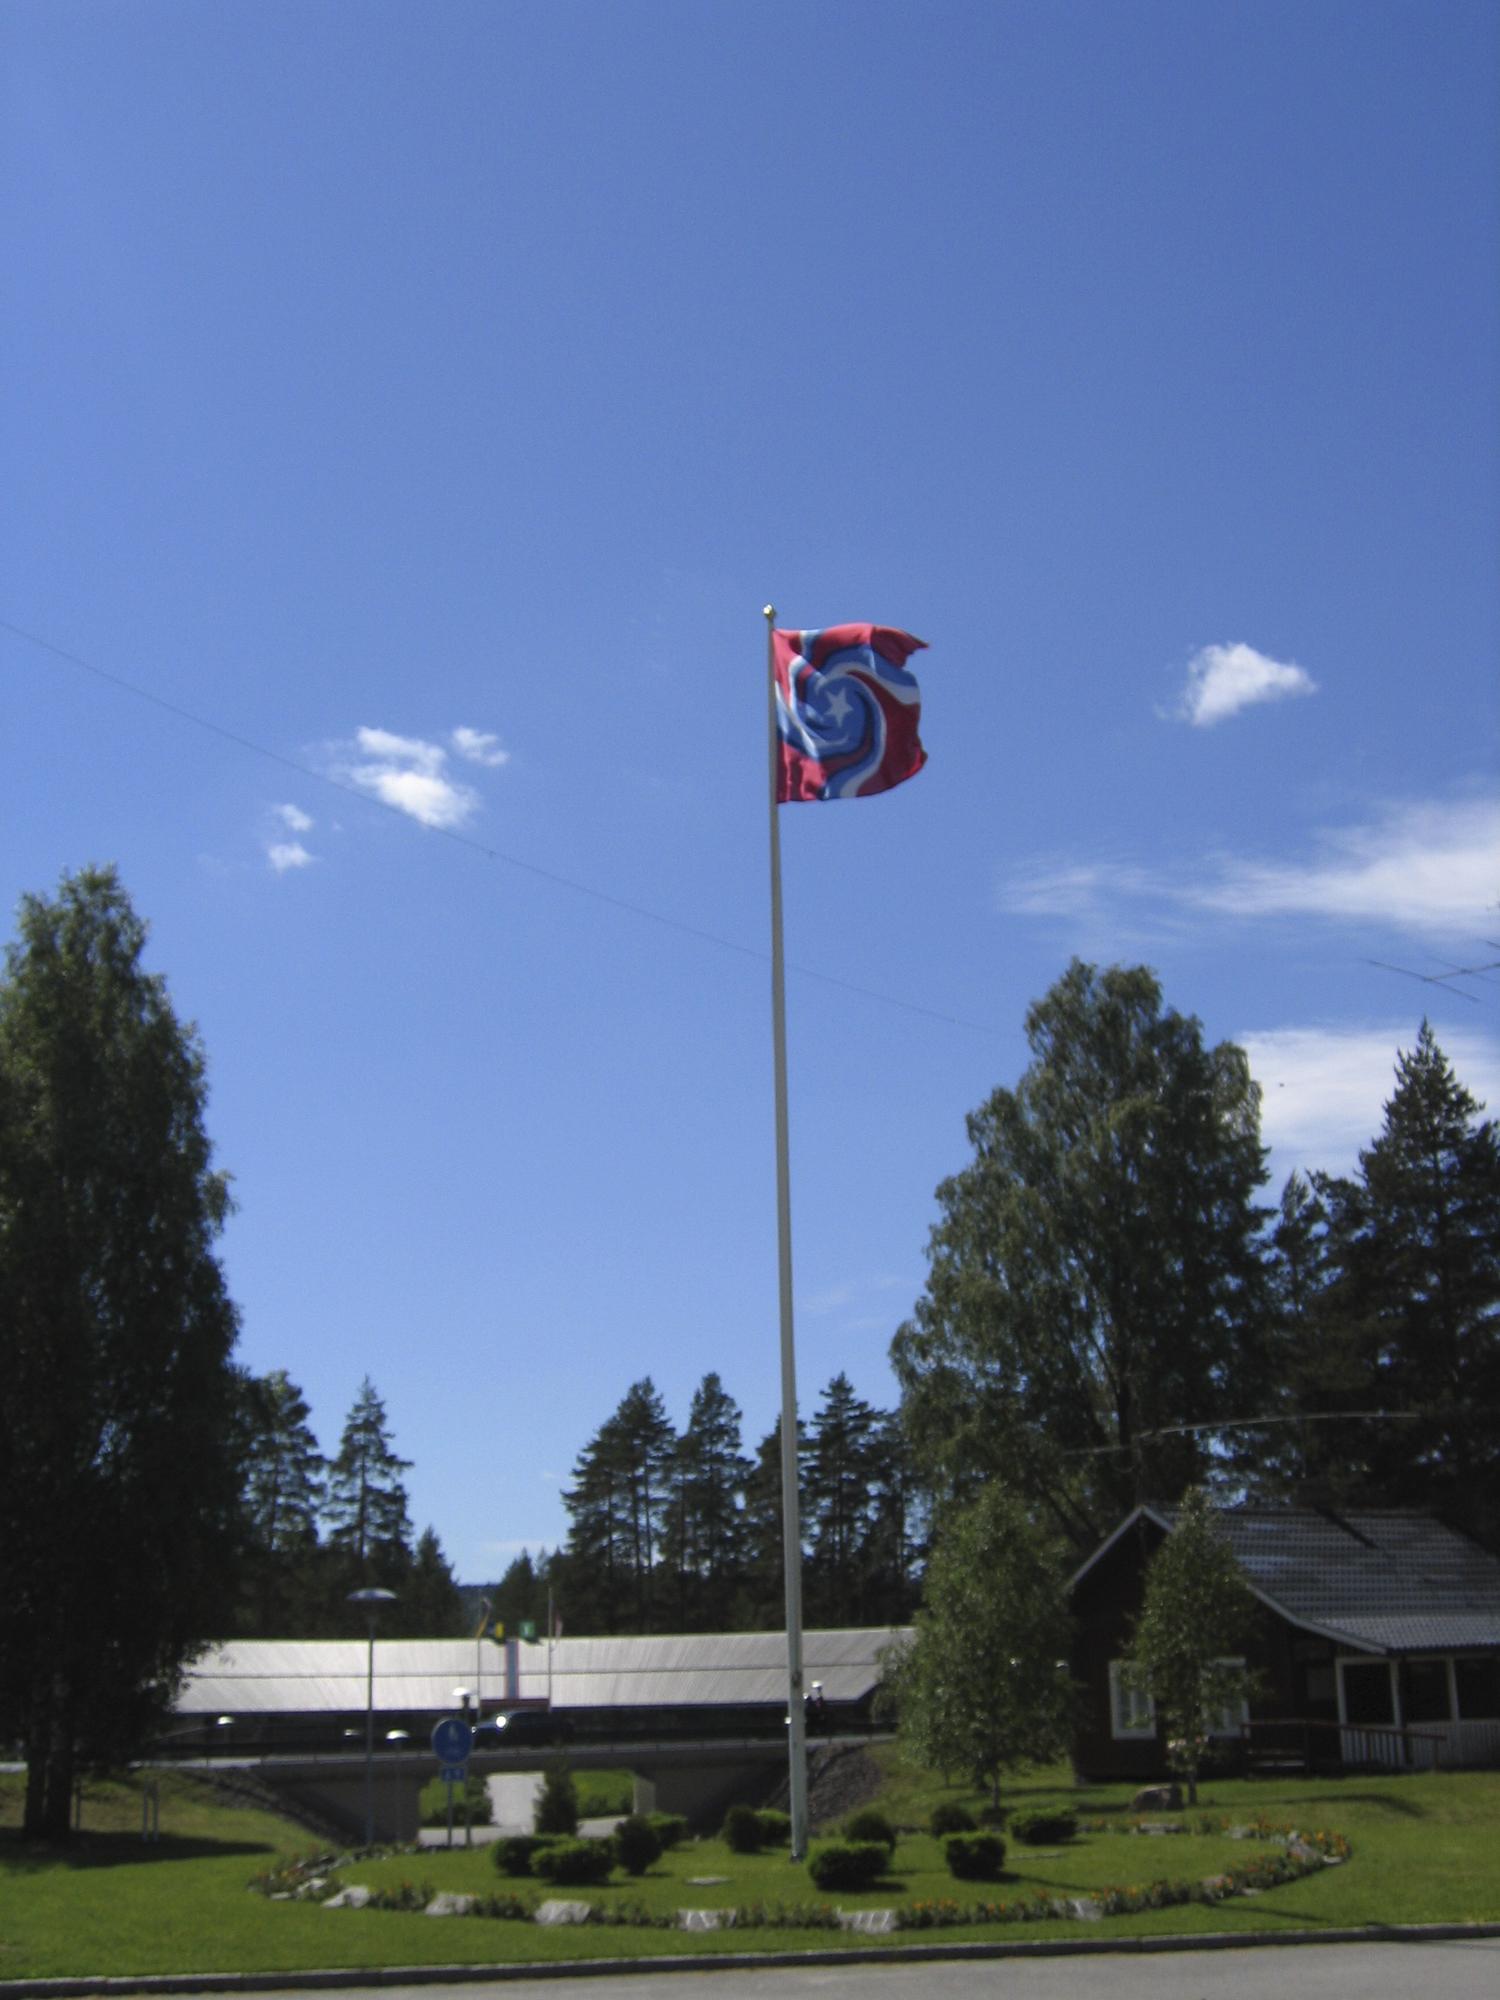 Morokulien, Sweden